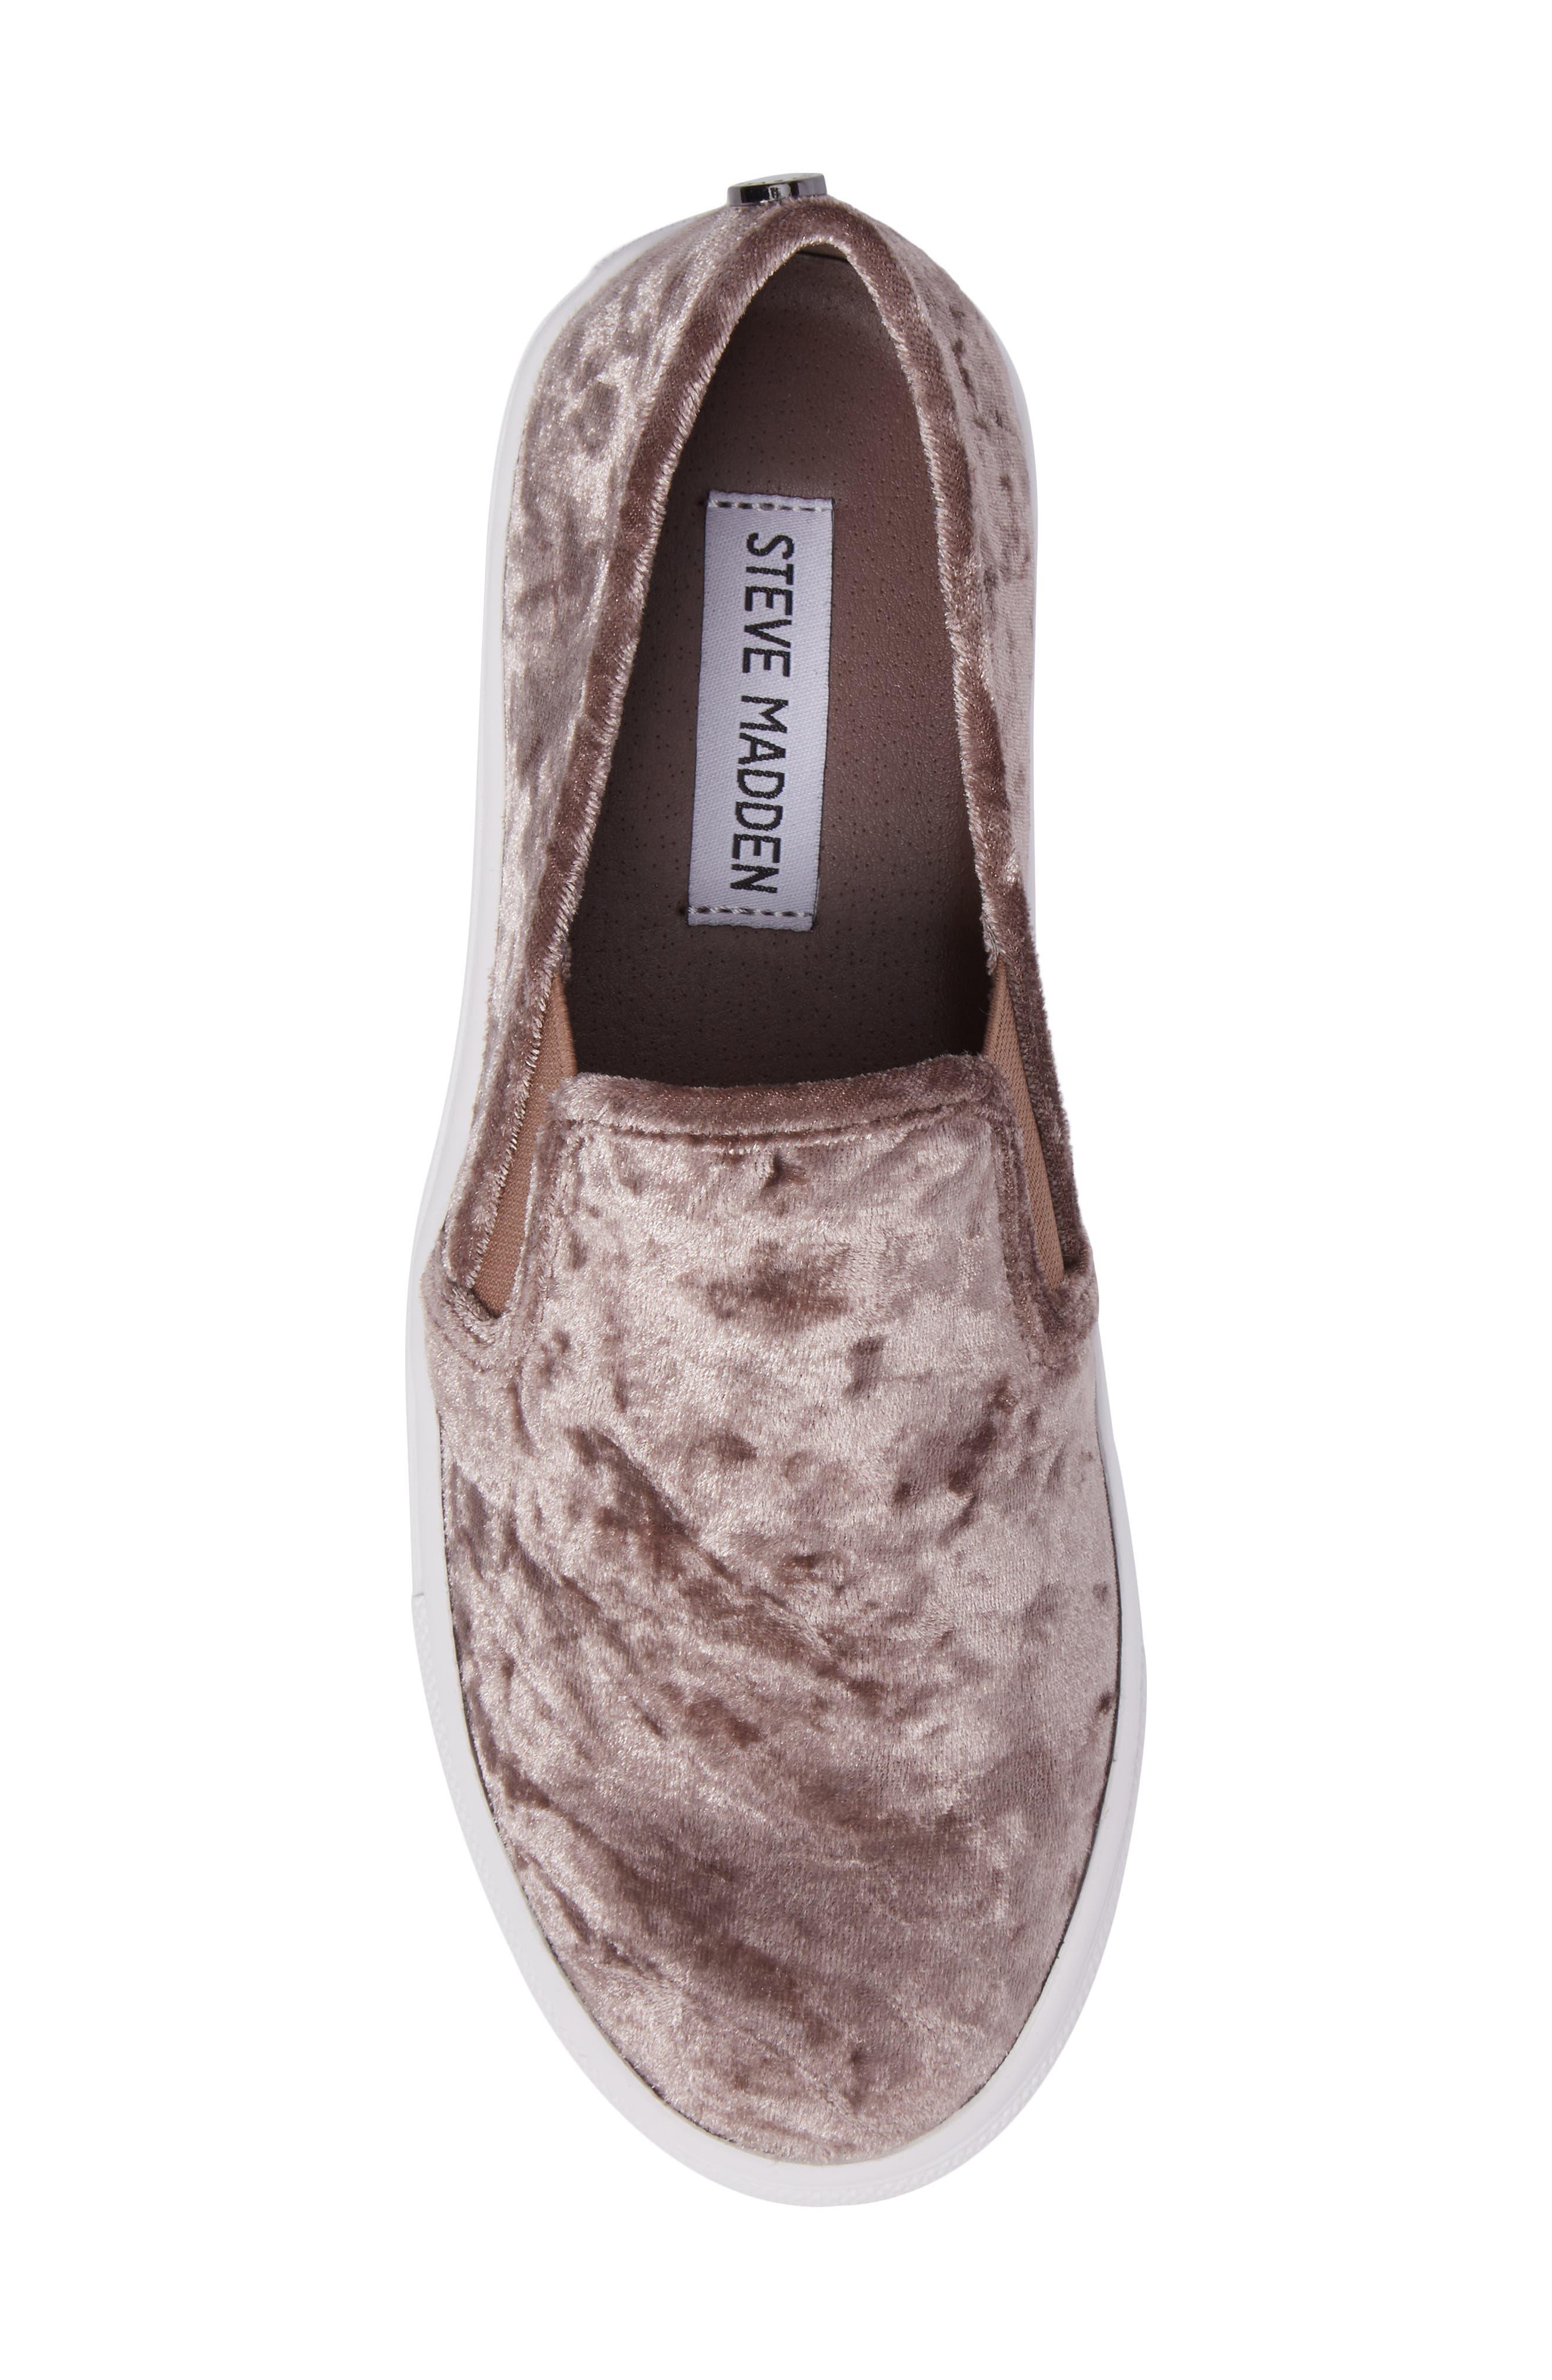 Ecntrcv Slip-On Sneaker,                             Alternate thumbnail 5, color,                             Mushroom Fabric